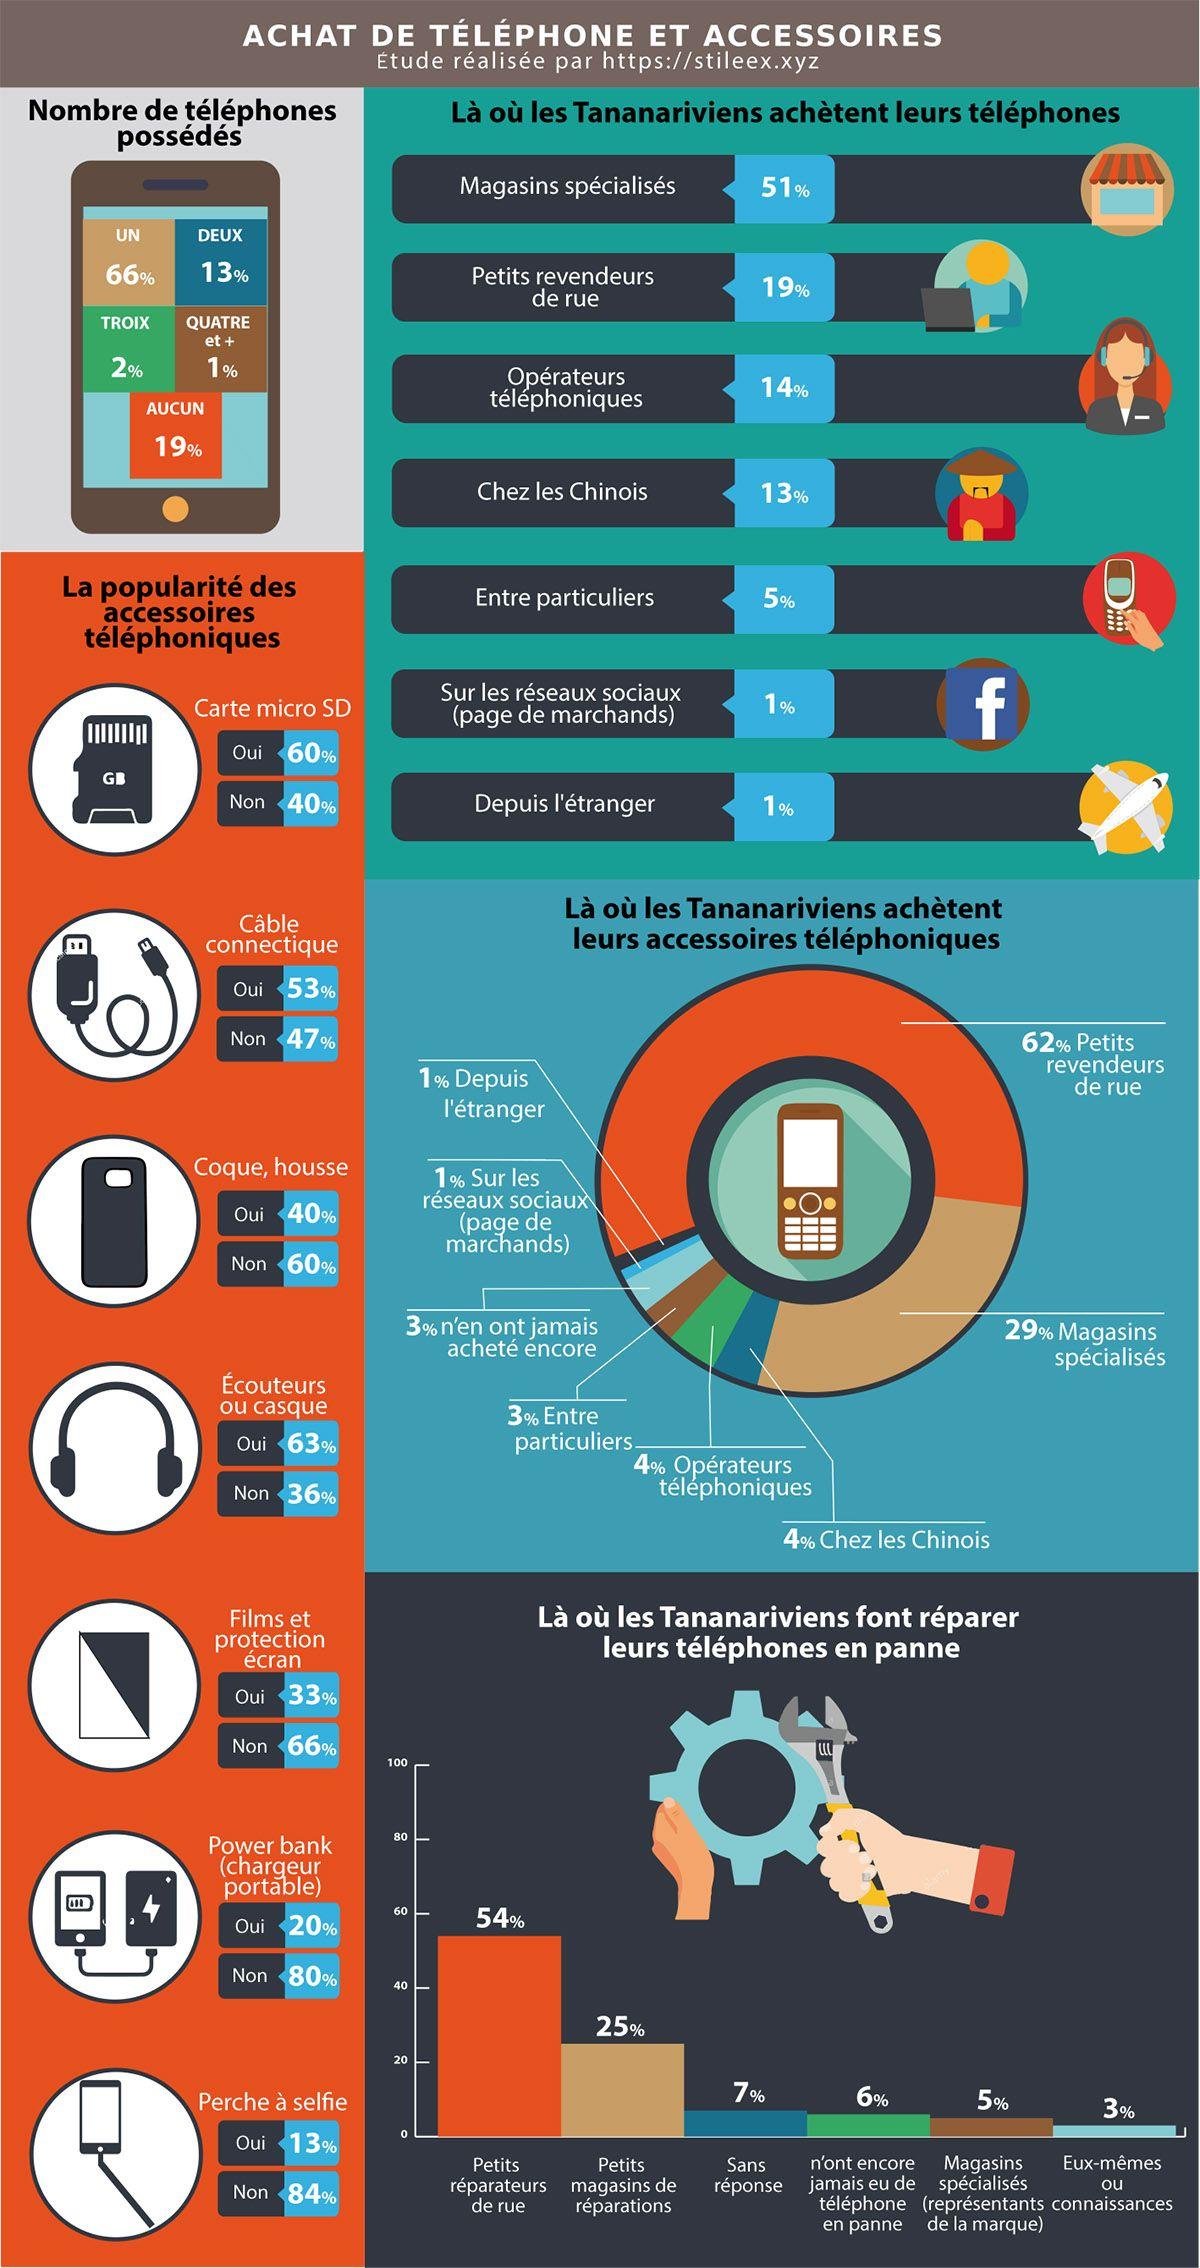 Résultats du sondage sur les habitudes d'achat téléphone des Tananariviens